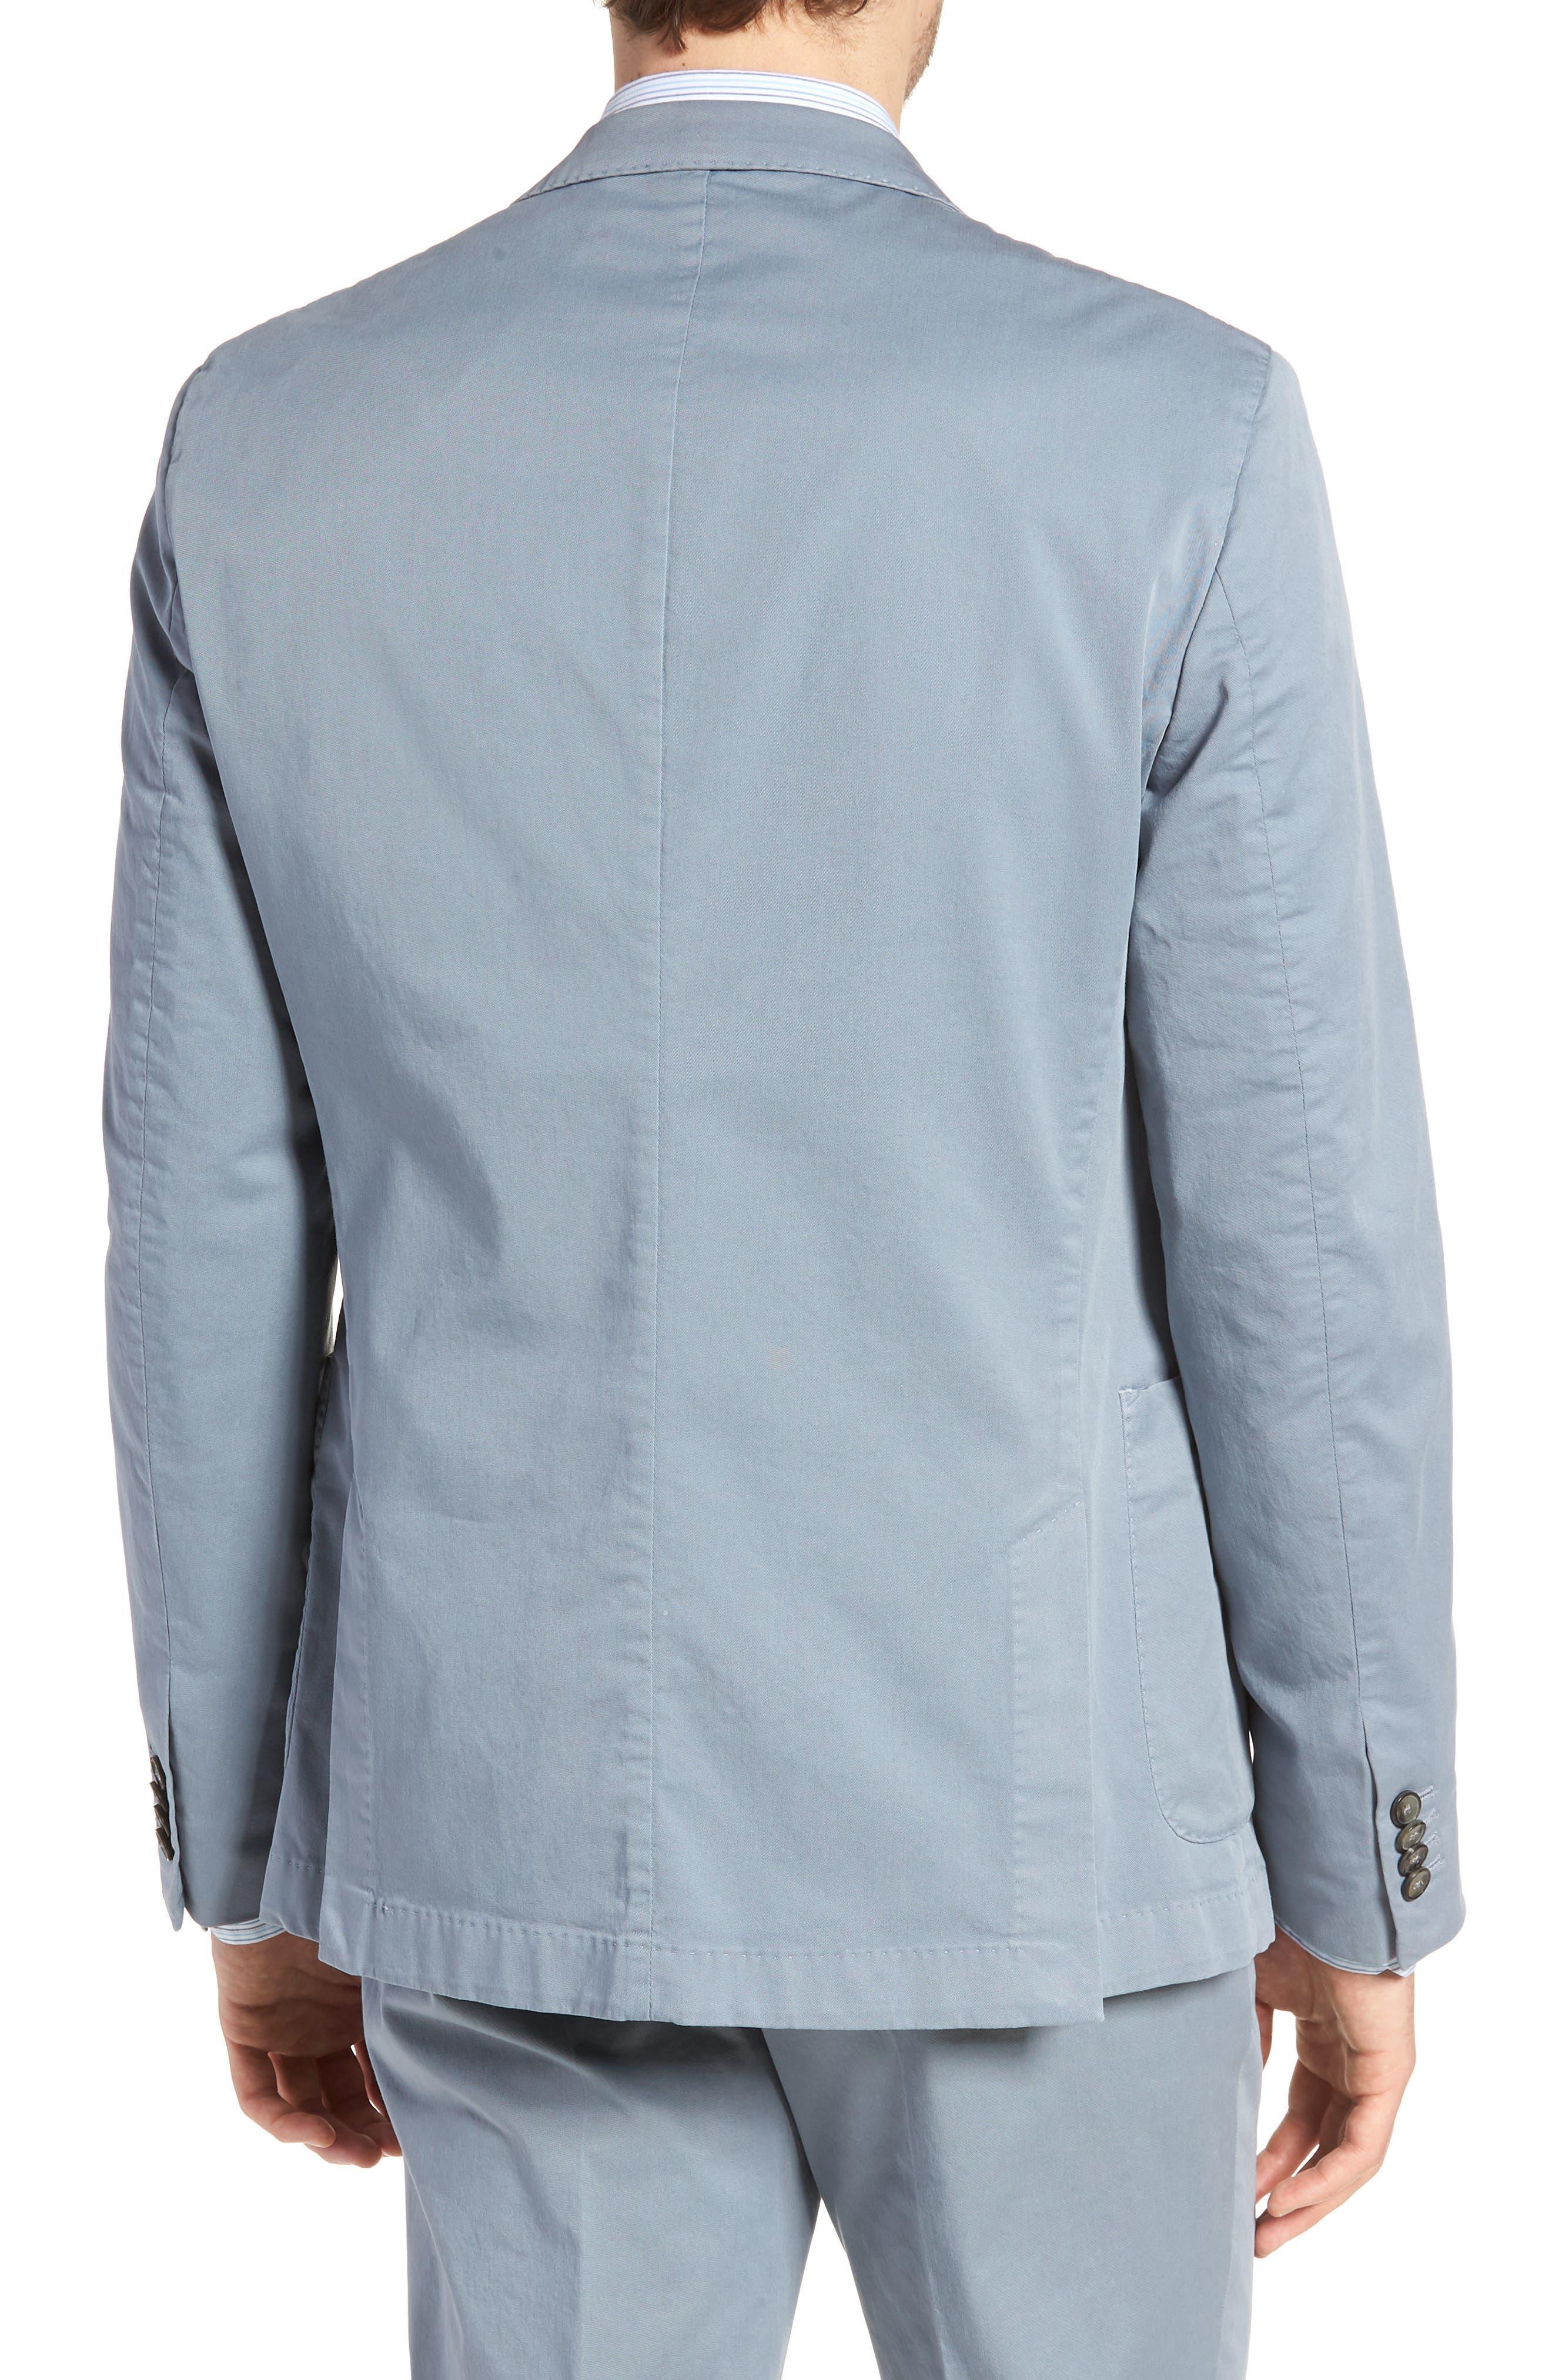 Hanry-D Trim Fit Stretch Cotton Blazer,                             Alternate thumbnail 2, color,                             BLUE